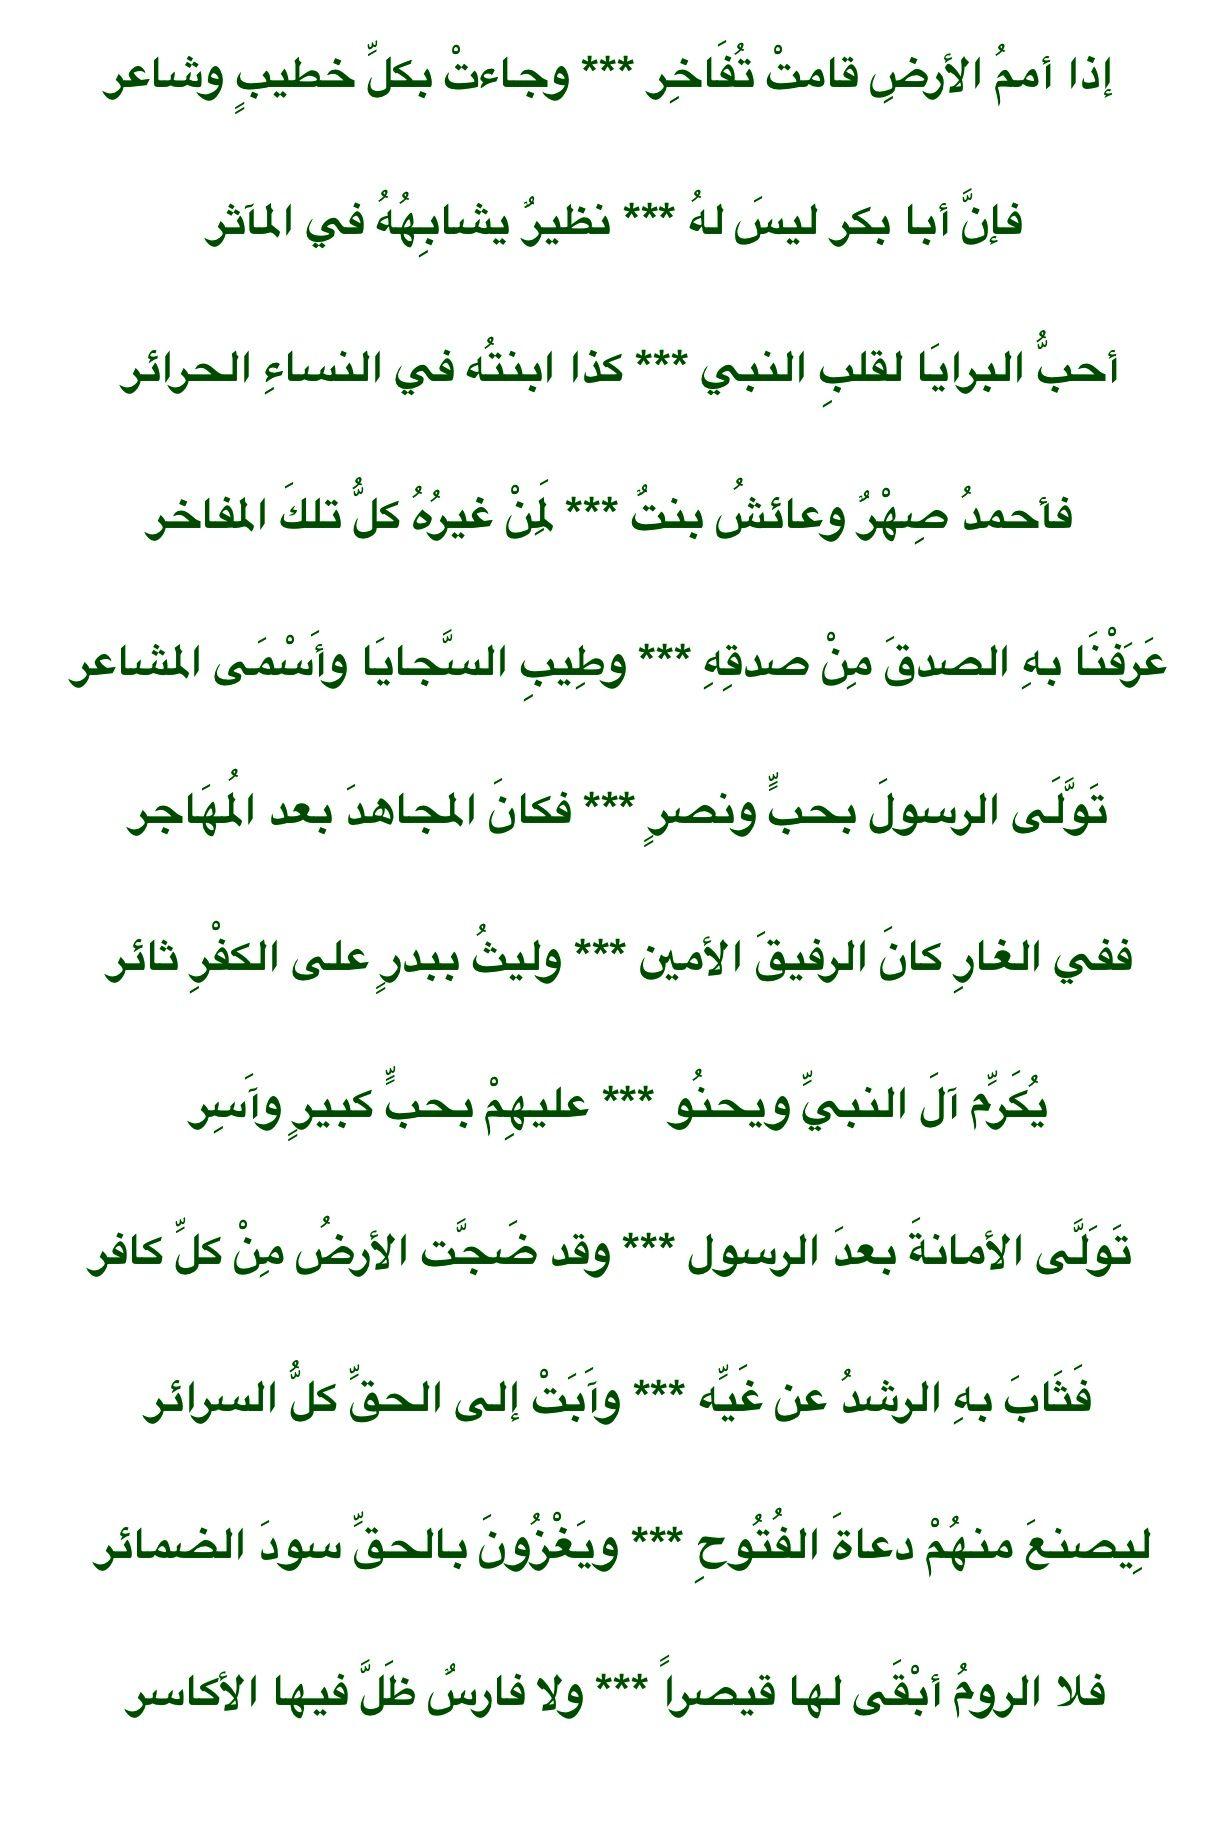 الخليفة ابو بكر الصديق رضي الله عنه الخلفاء الراشدون Noor Words Quotes Arabic Quotes Peace Be Upon Him